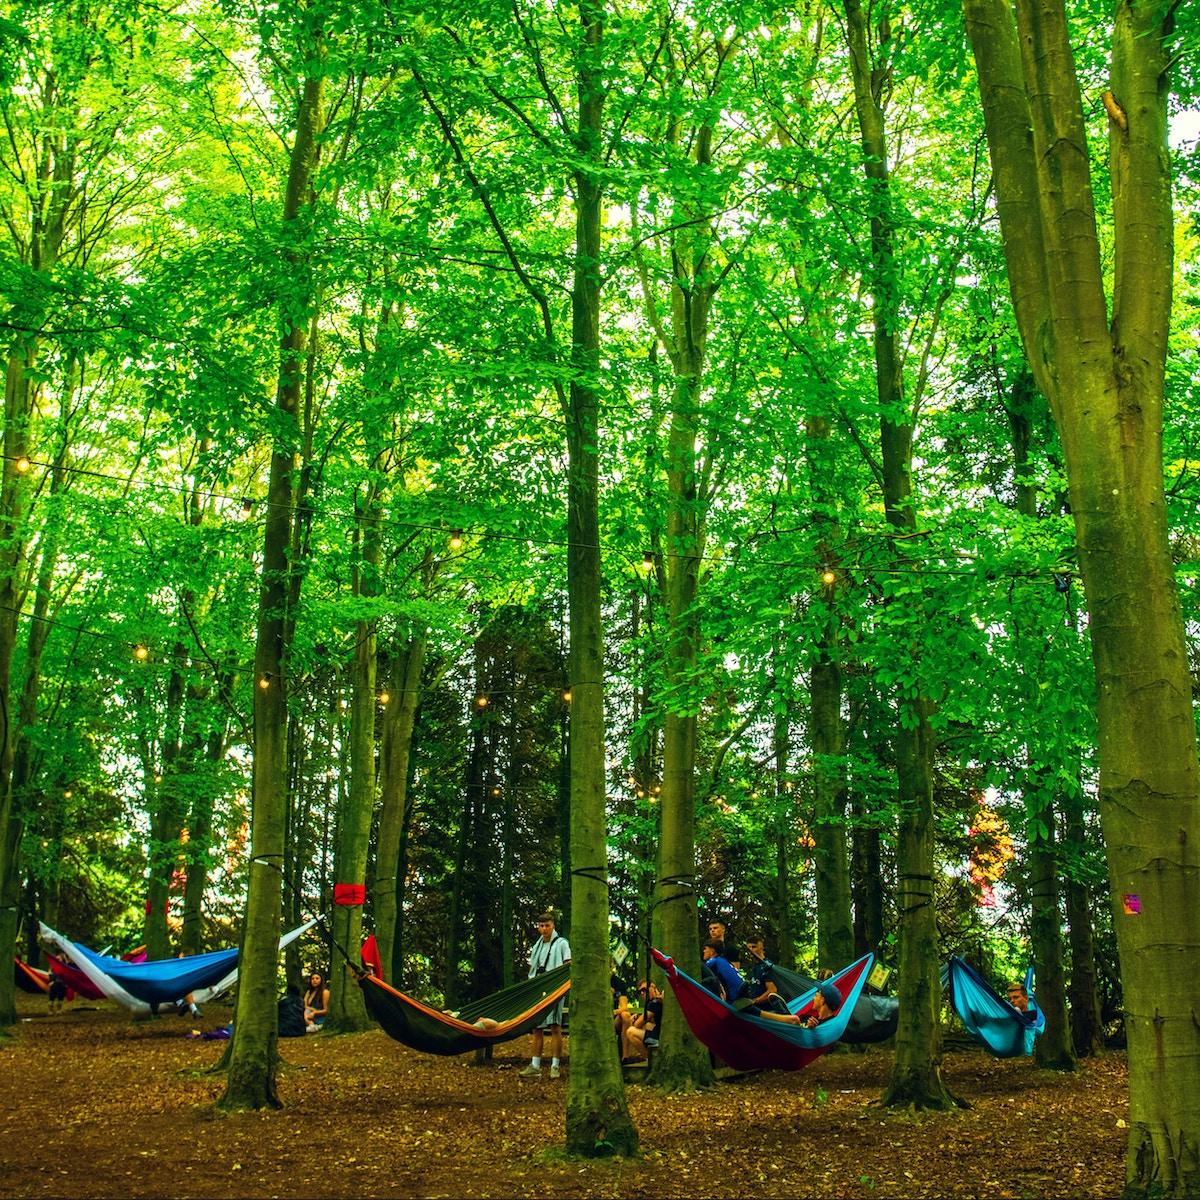 Boomtown Forest